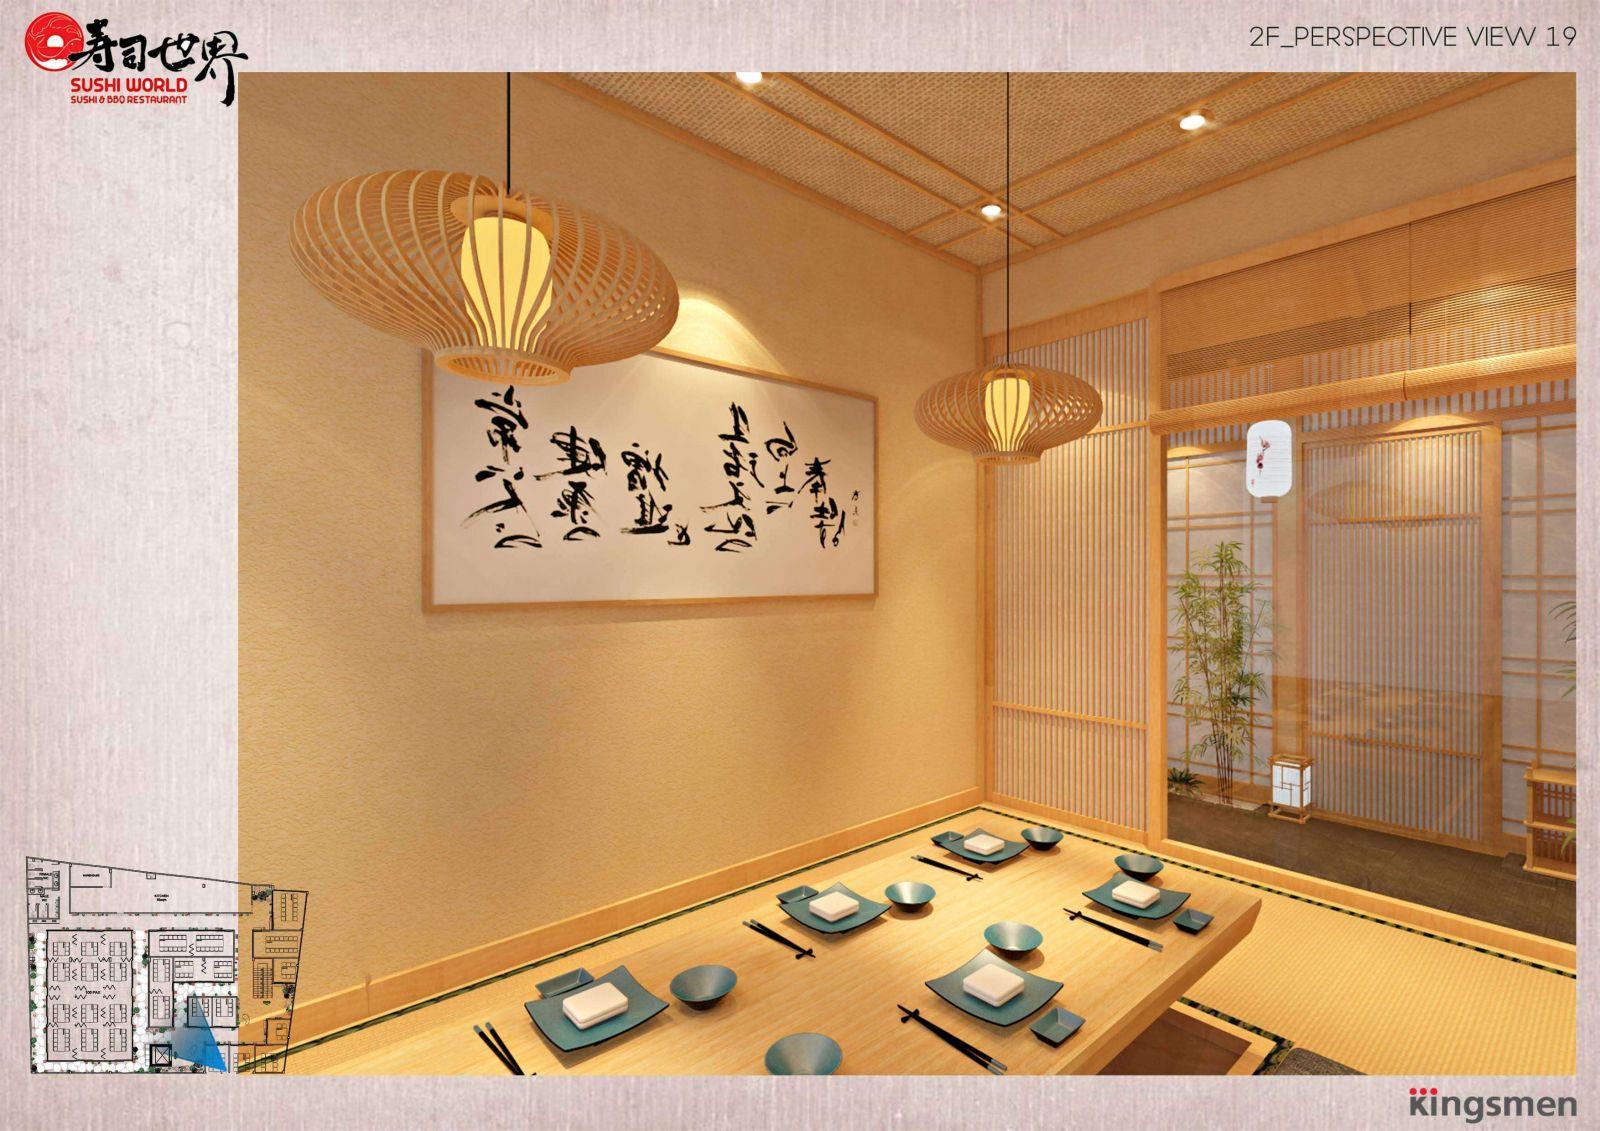 nét văn hóa của nhật bản được áp dụng vào mẫu thiết kế nhà hàng sushi world